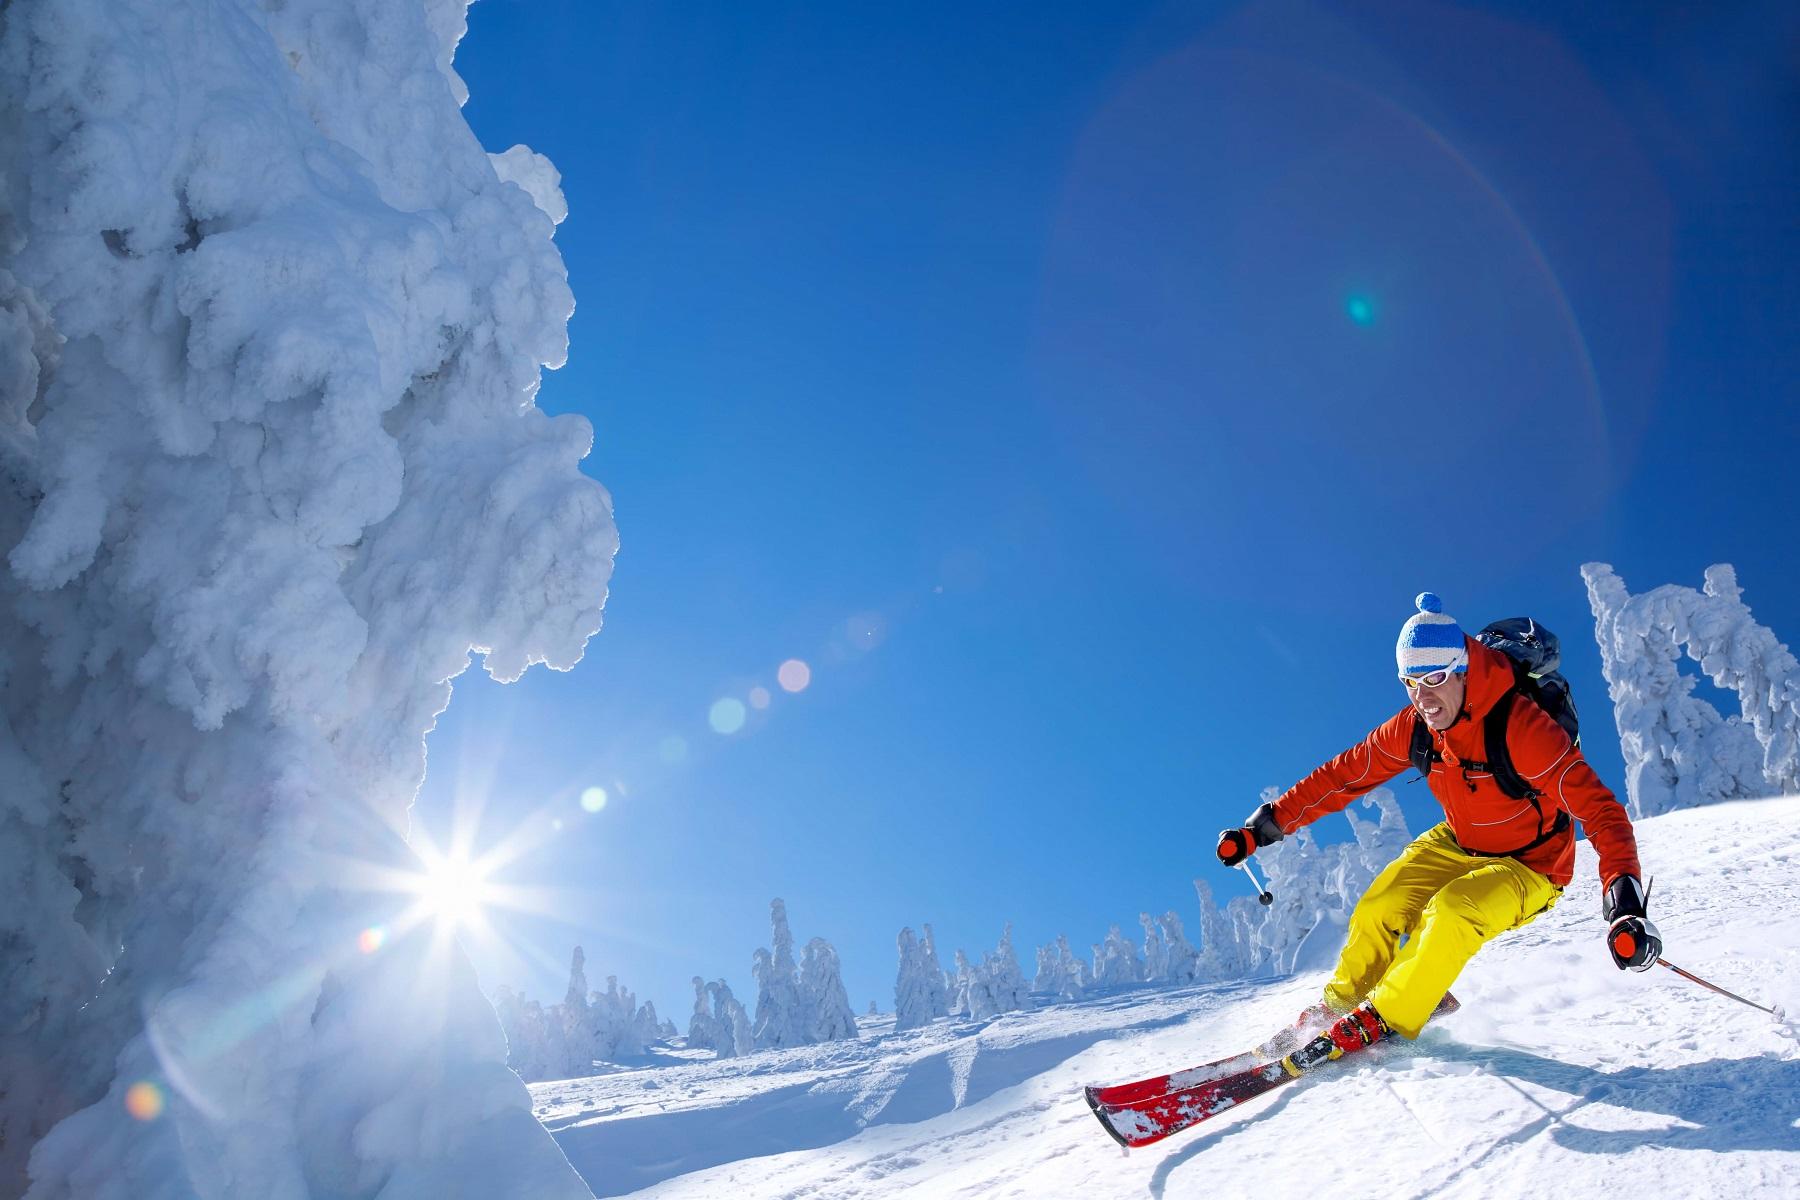 Kurtka narciarska – zobacz jak nosić ją na co dzień